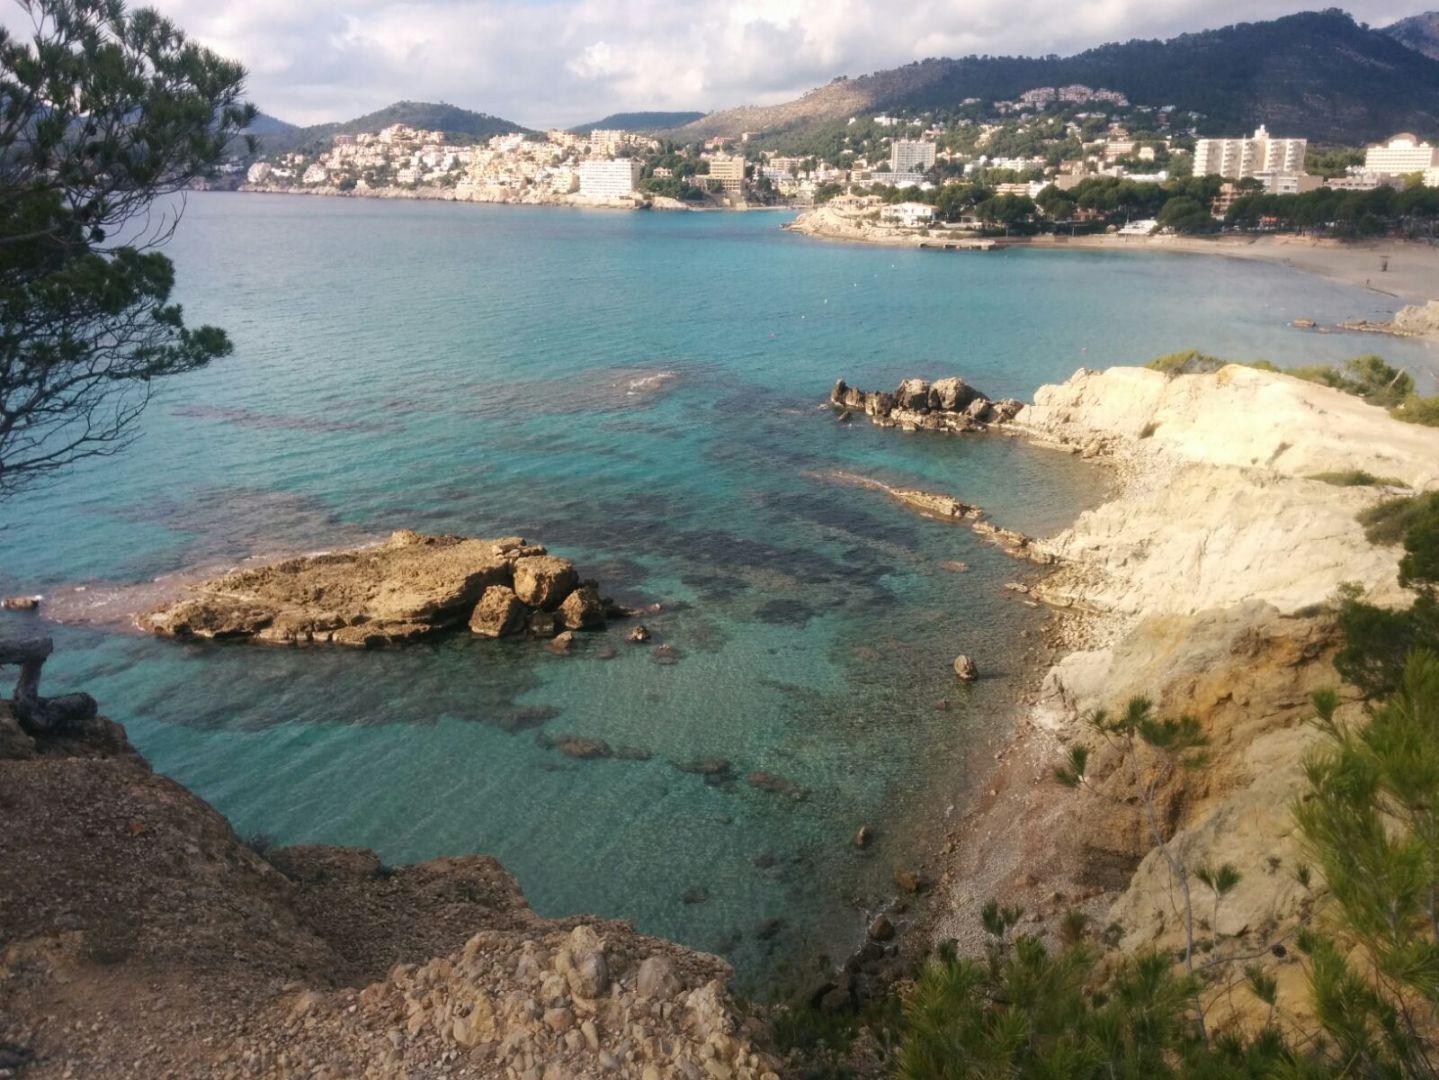 Stedentrip naar Mallorca